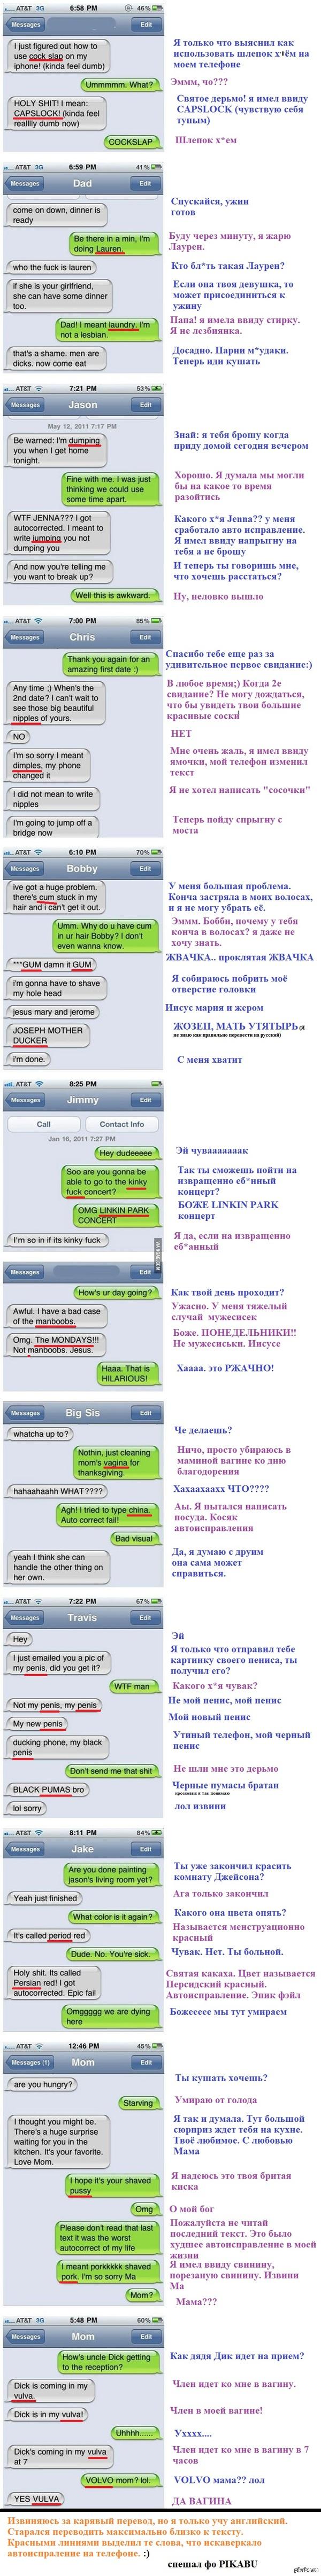 Смешные СМСки с автозаменой текста - Часть 1. За ошибки перевода прошу сильно не бить.. т.к. я только на стадии изучения языка. А вот в комментах с удовольствием выслушаю все замечания или советы.